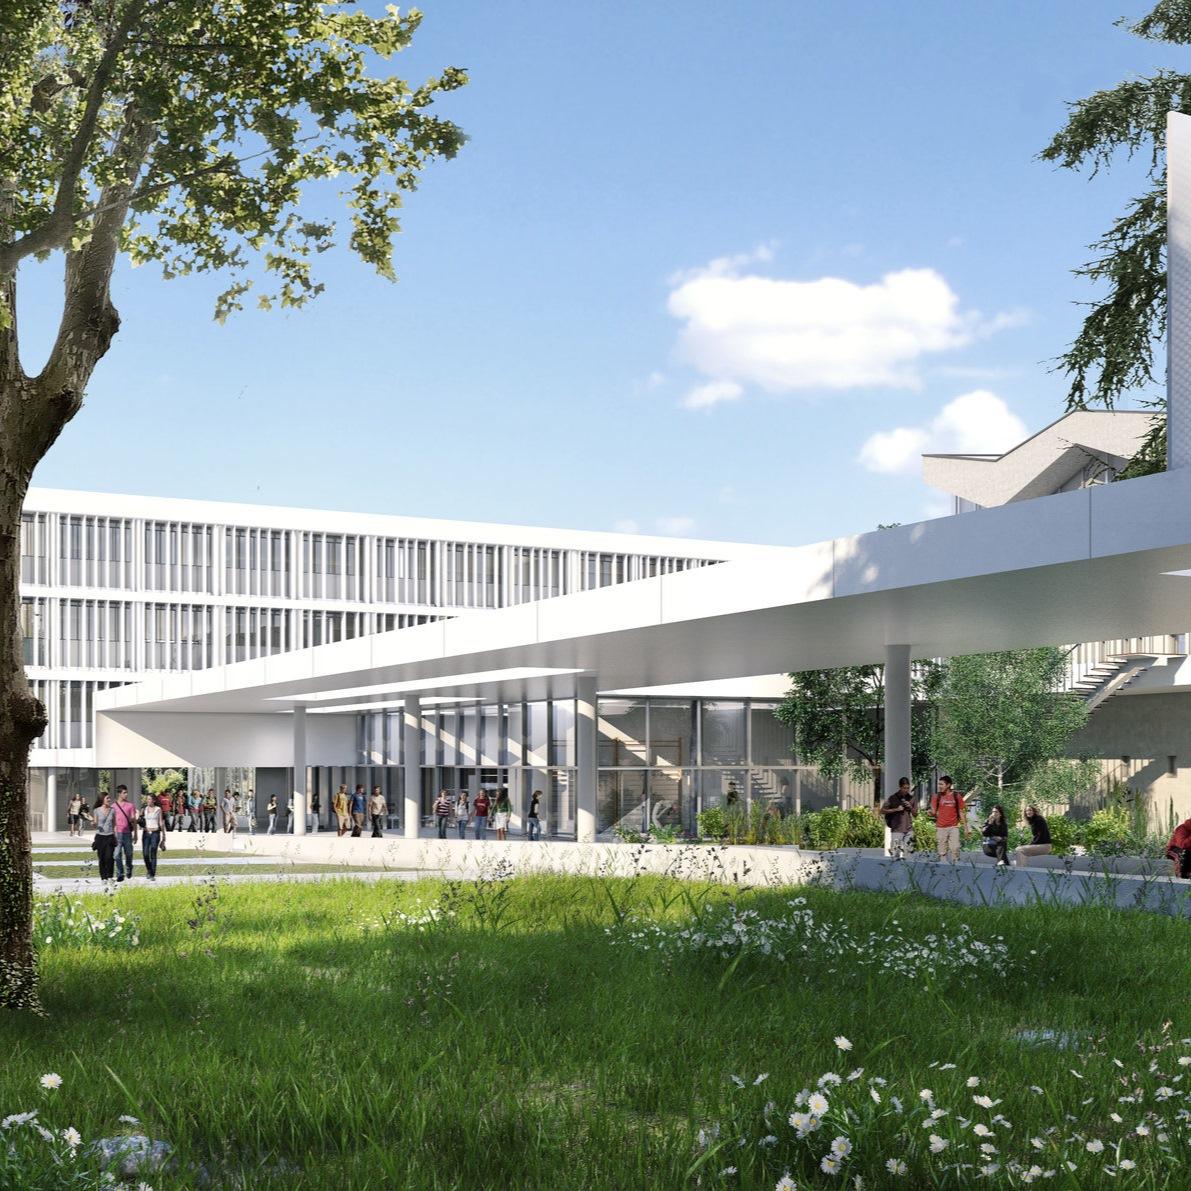 Lycée J.J Rousseau - - MONTMORENCY -Livraison Septembre 2019